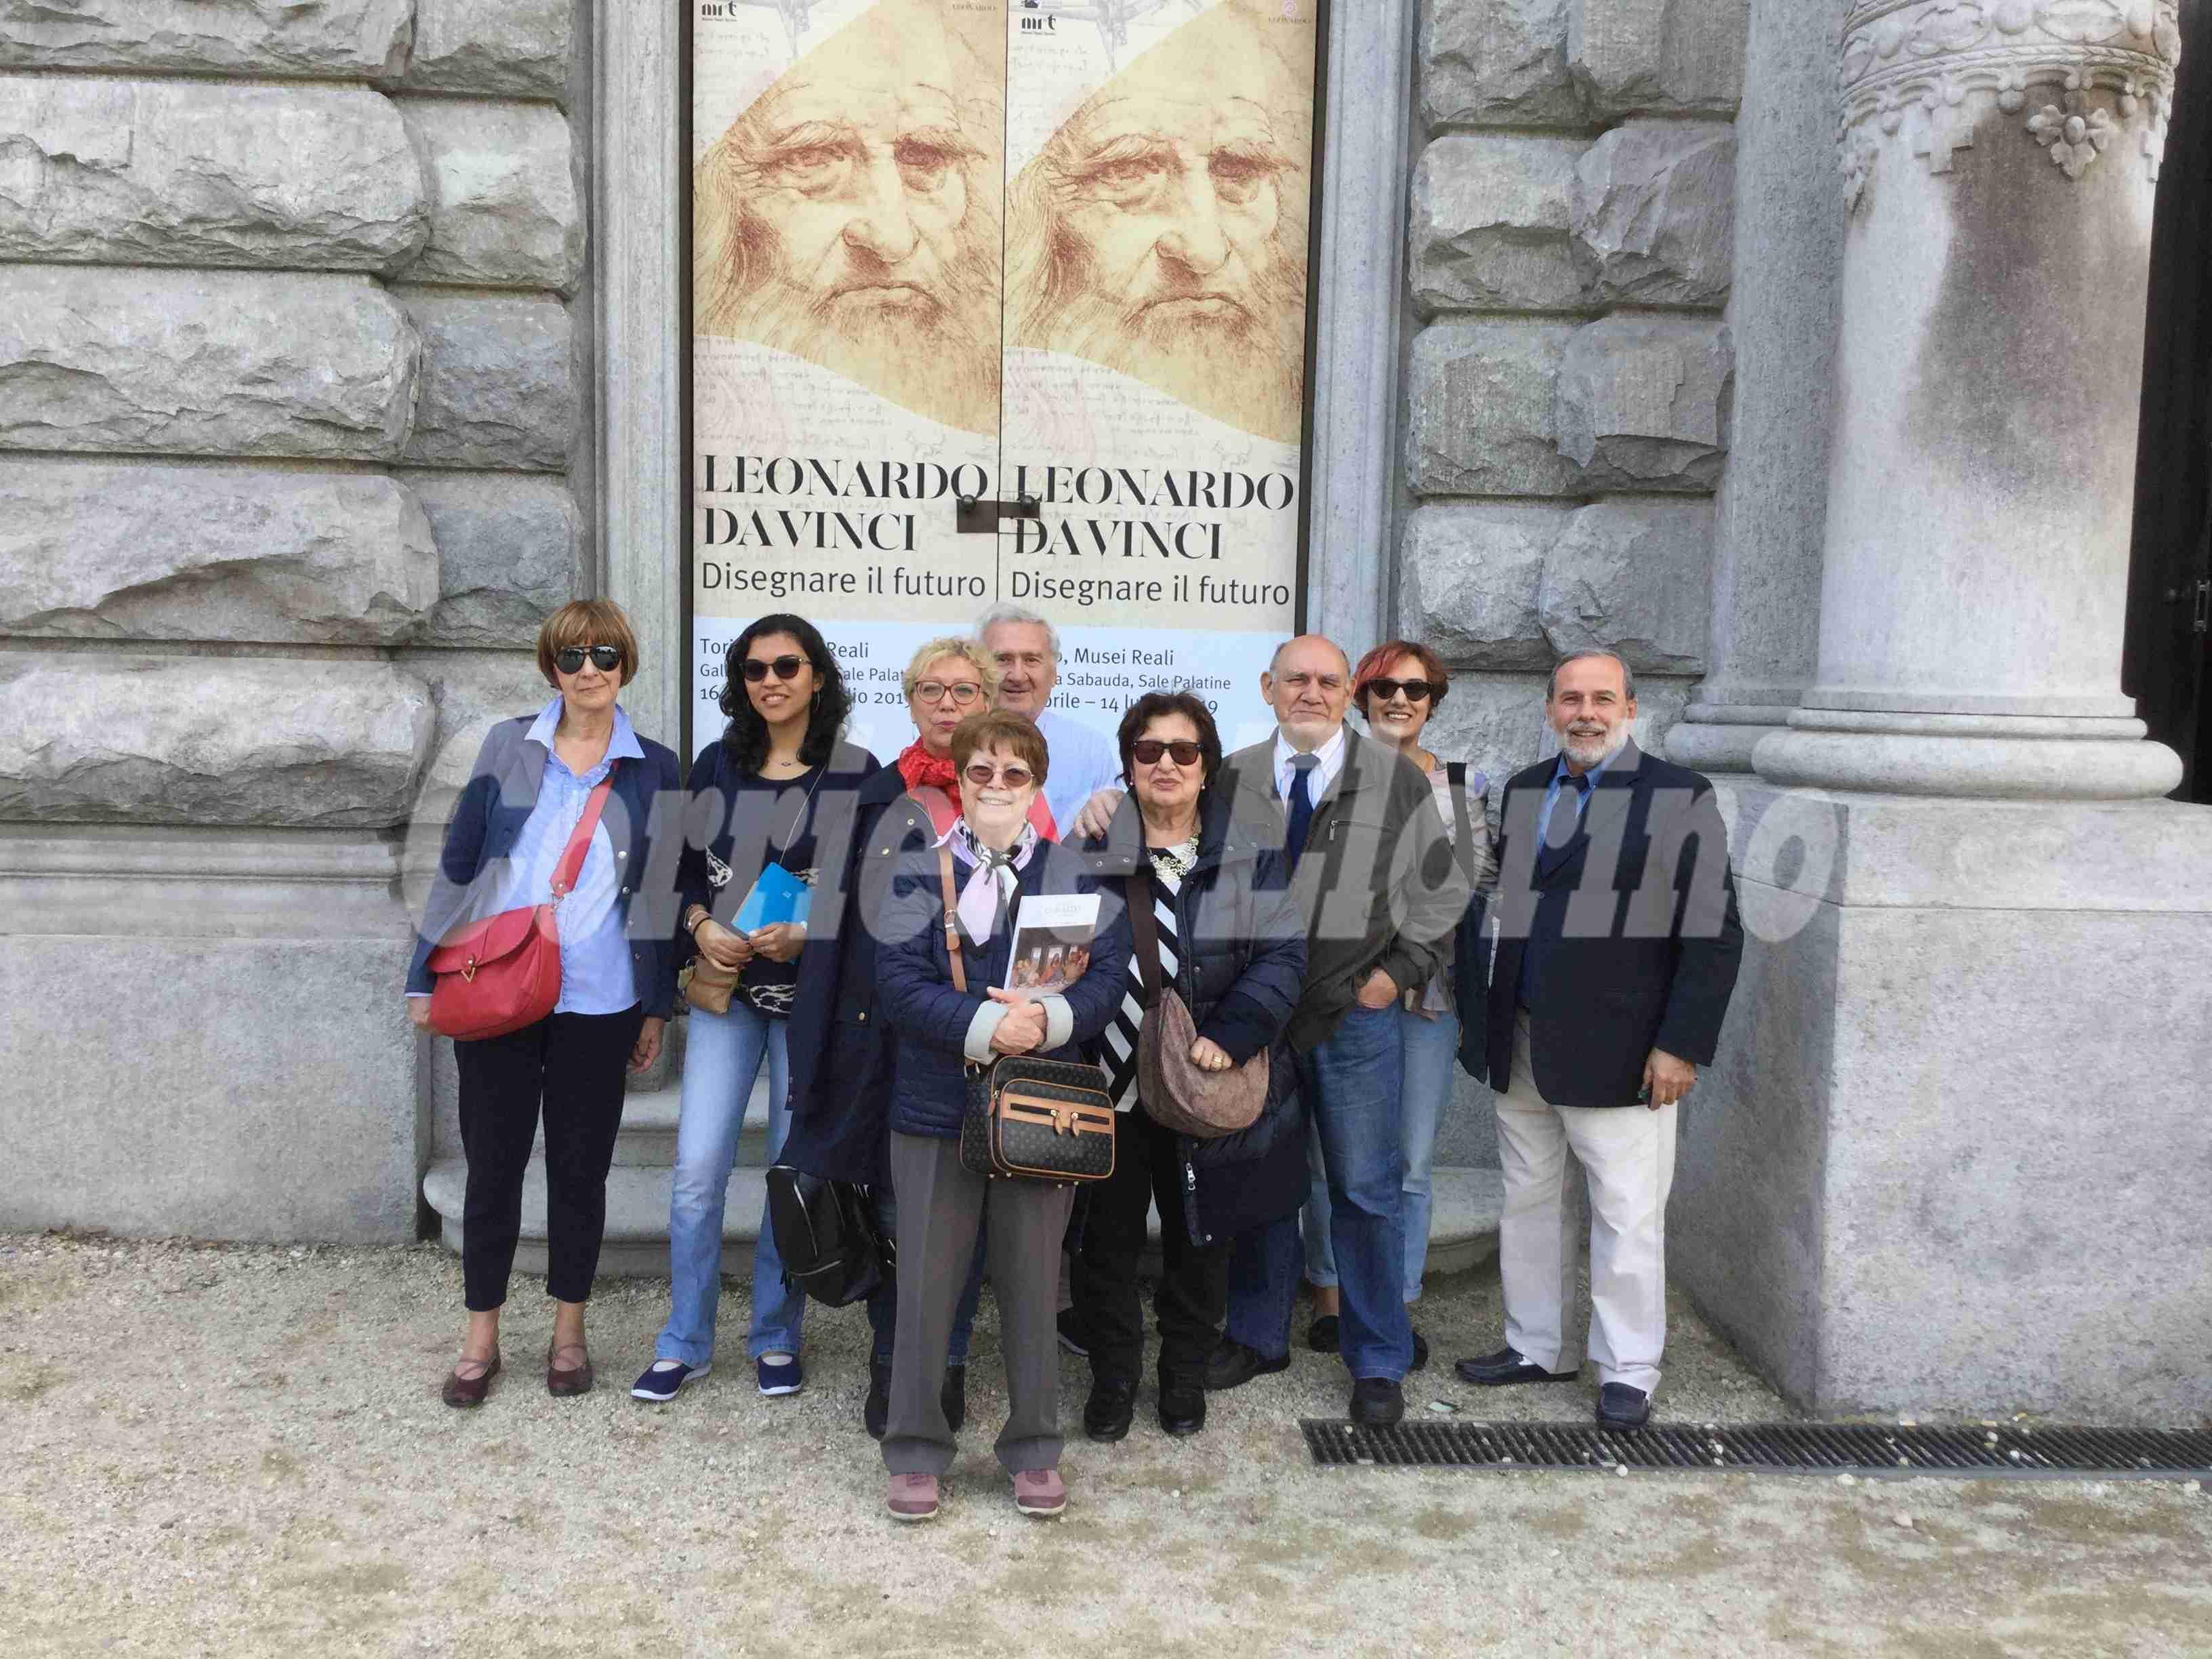 """I """"Rosolinesi in Piemonte"""" alla mostra di Leonardo da Vinci"""